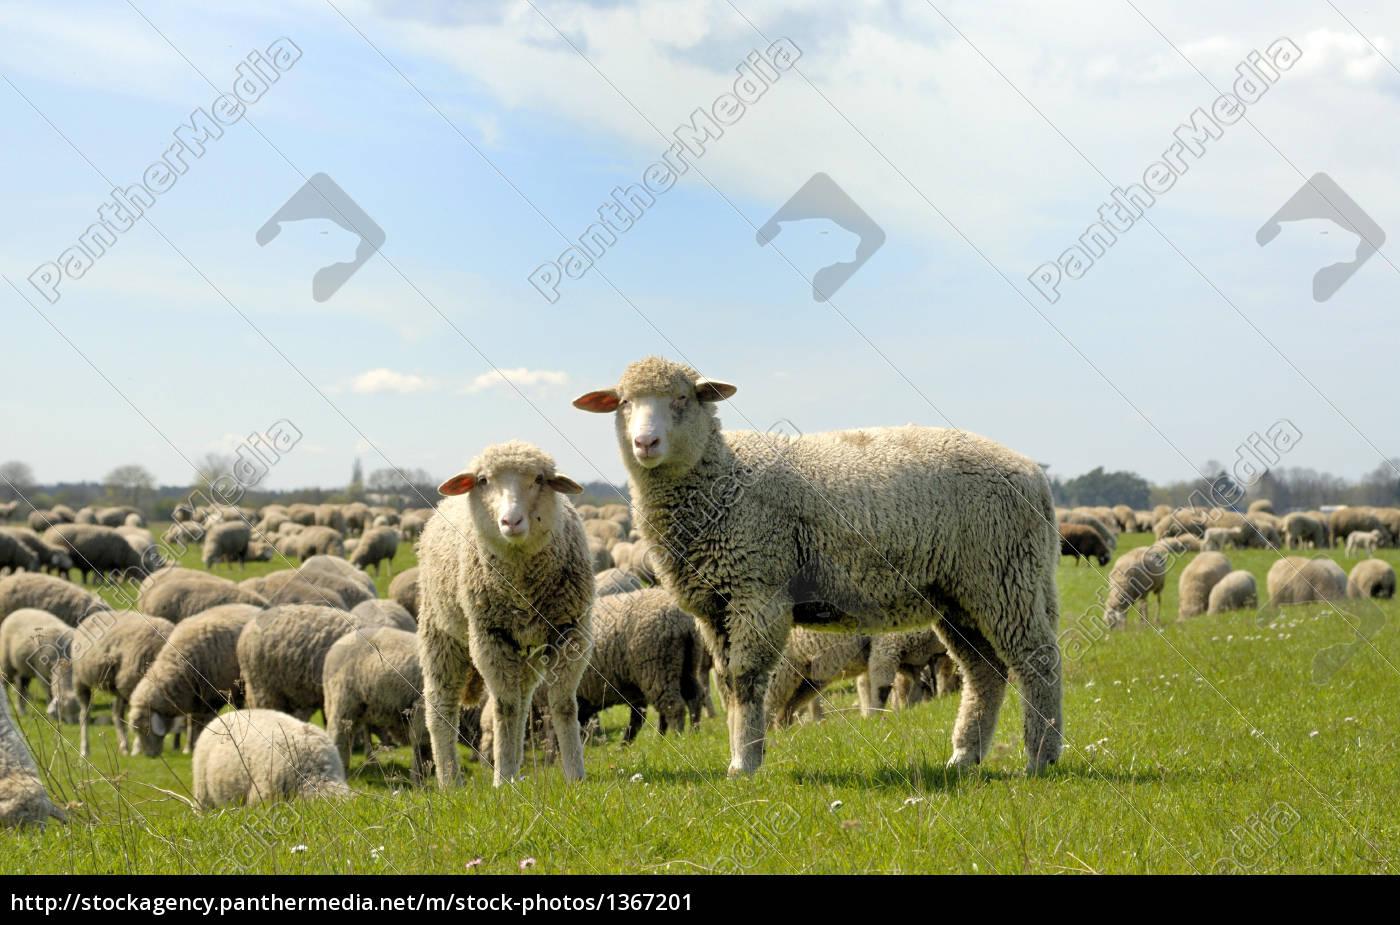 animal, life - 1367201